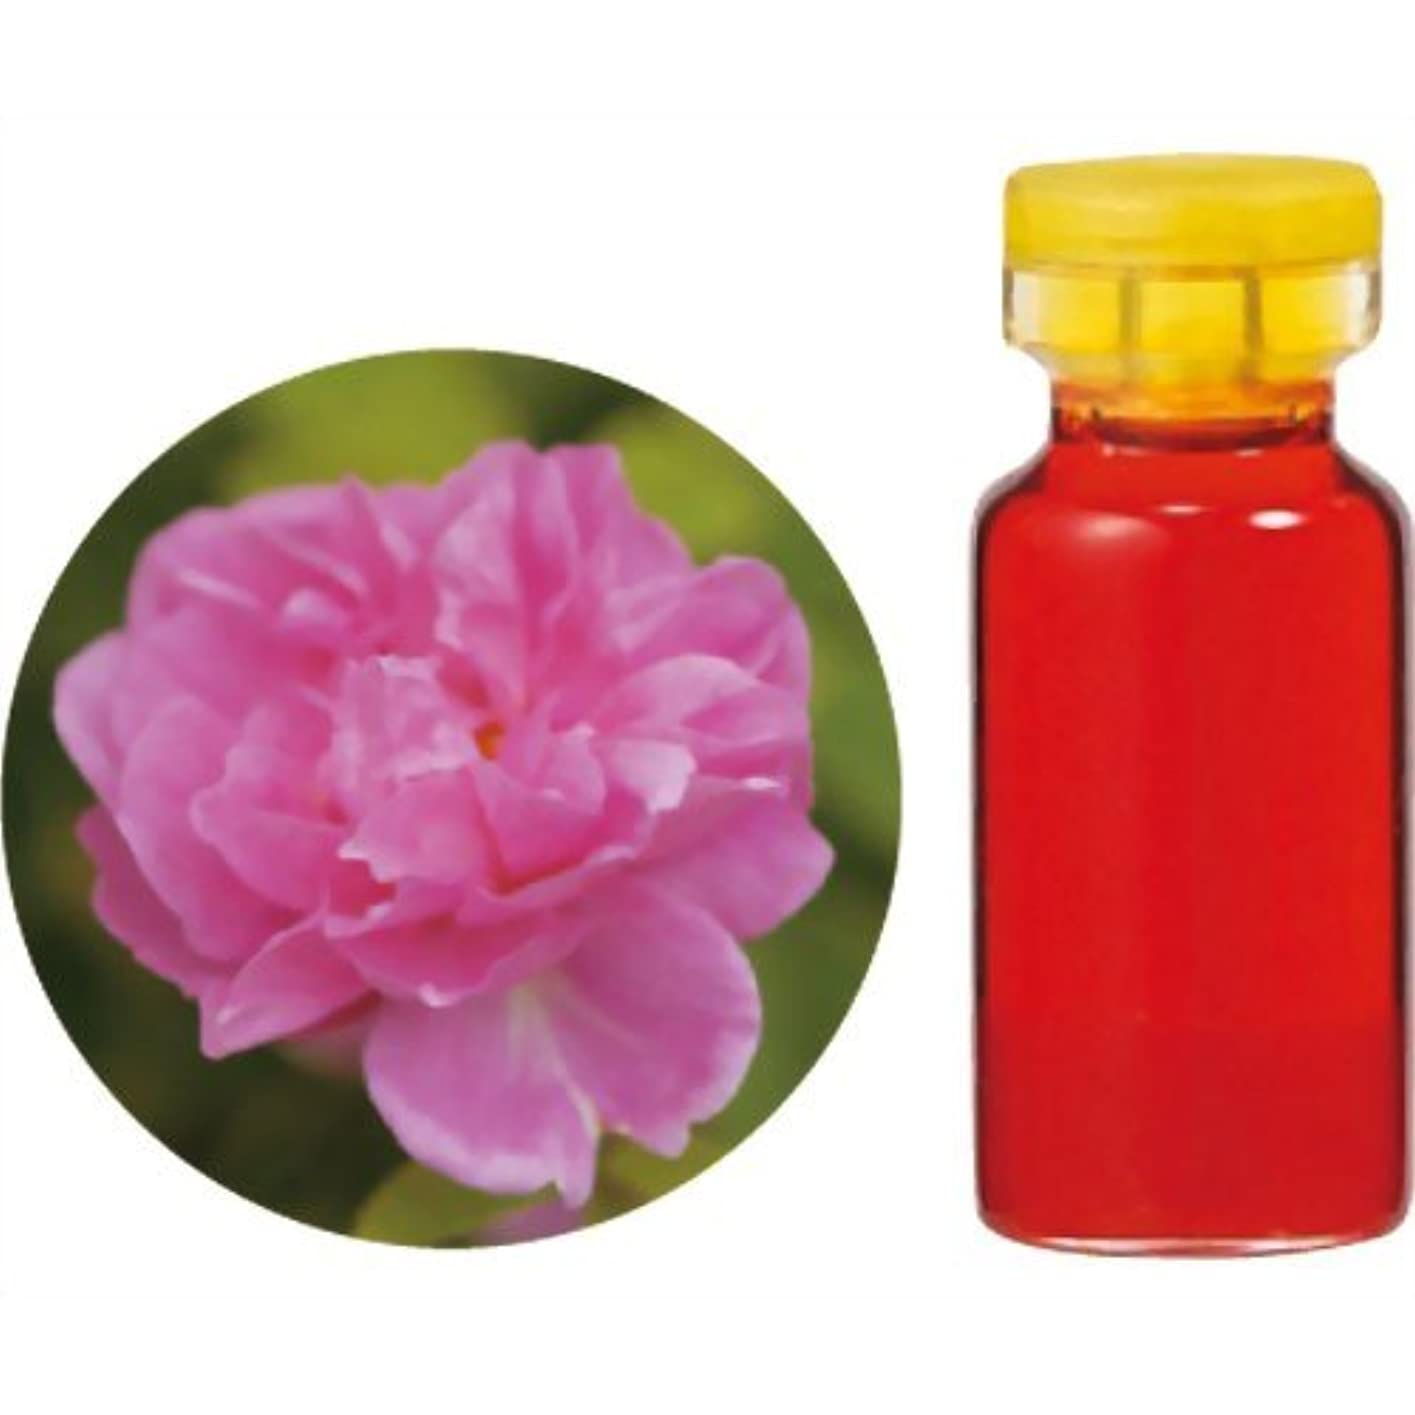 同意するスマイル小切手生活の木 Herbal Life 花精油 ダマスクローズAbs.(モロッコ産) 3ml